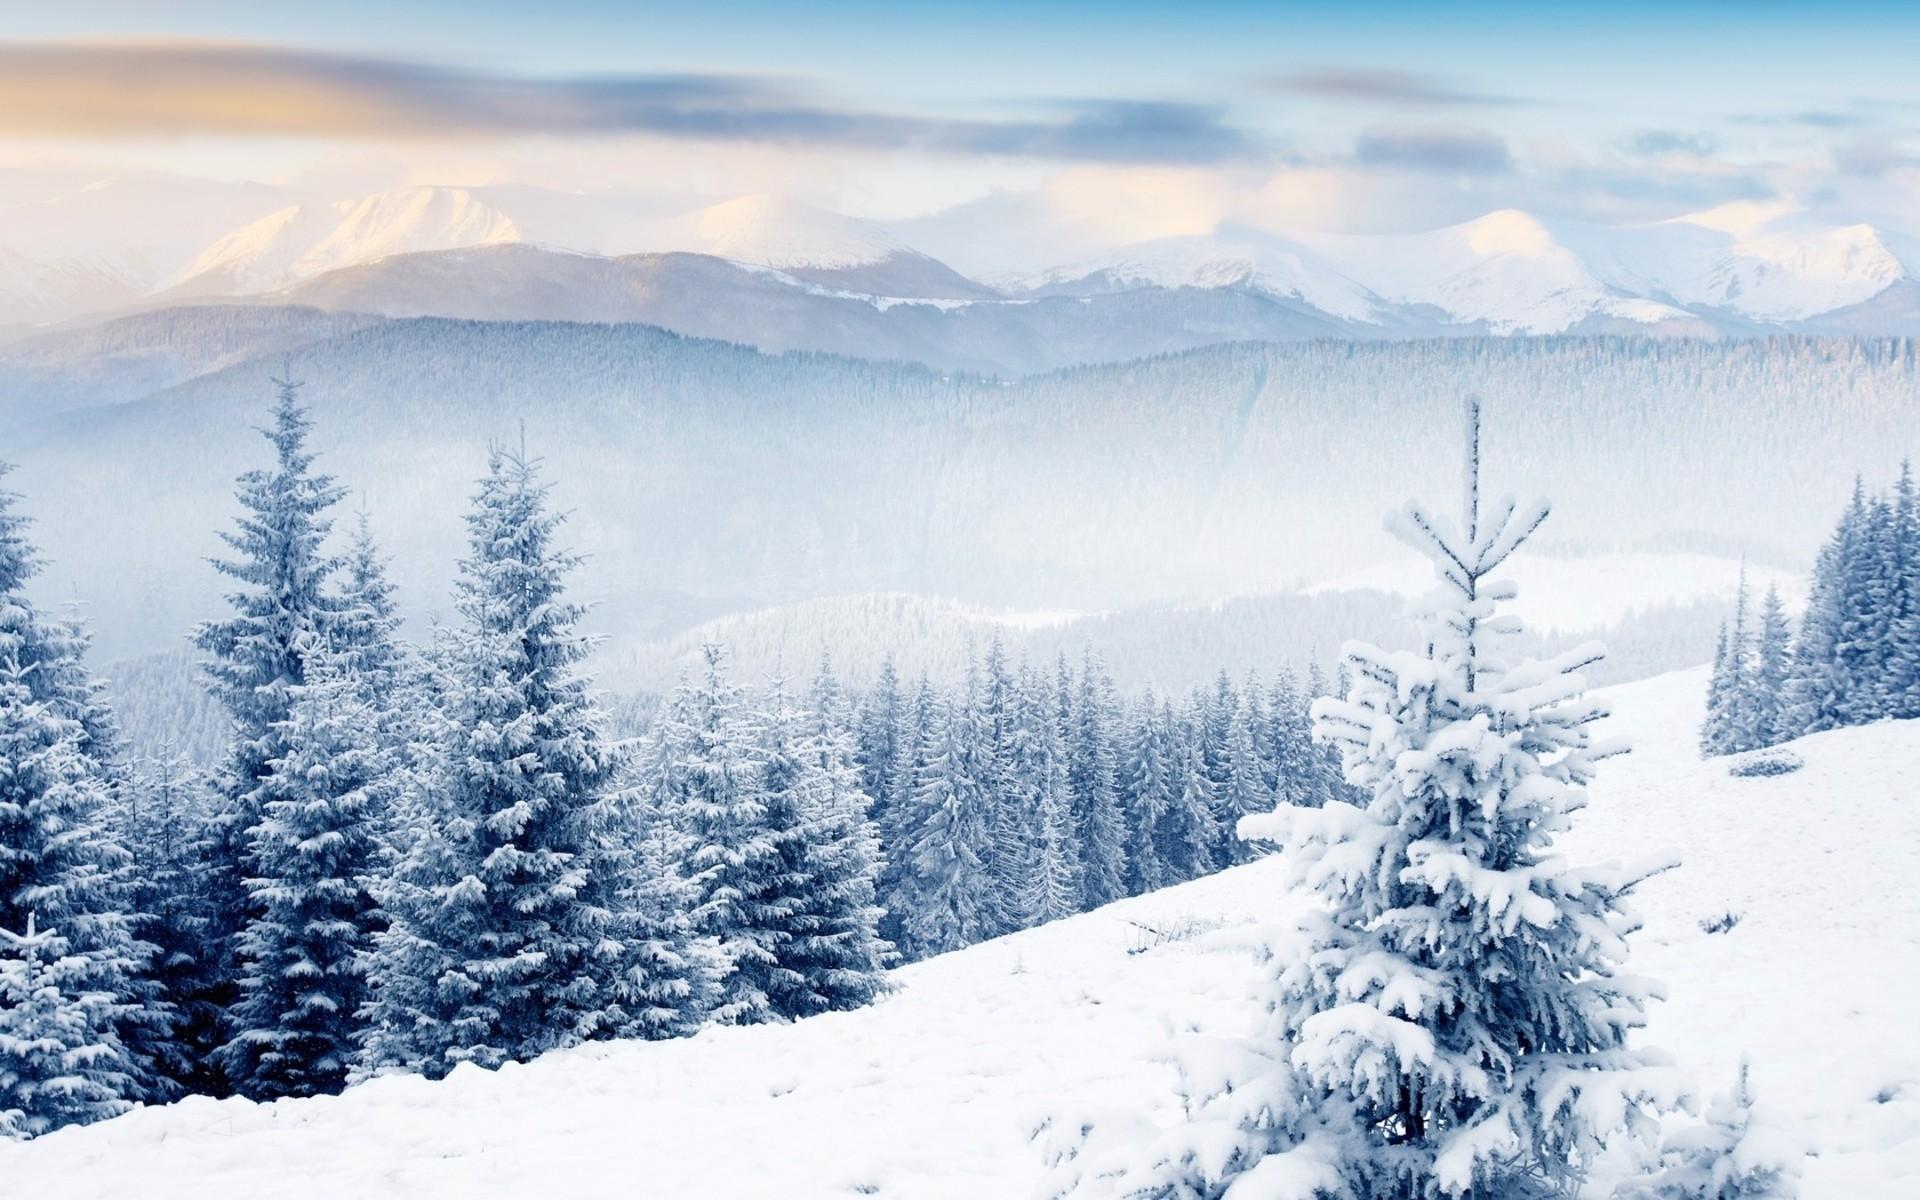 Mountain Snow Scenes Winter scenes